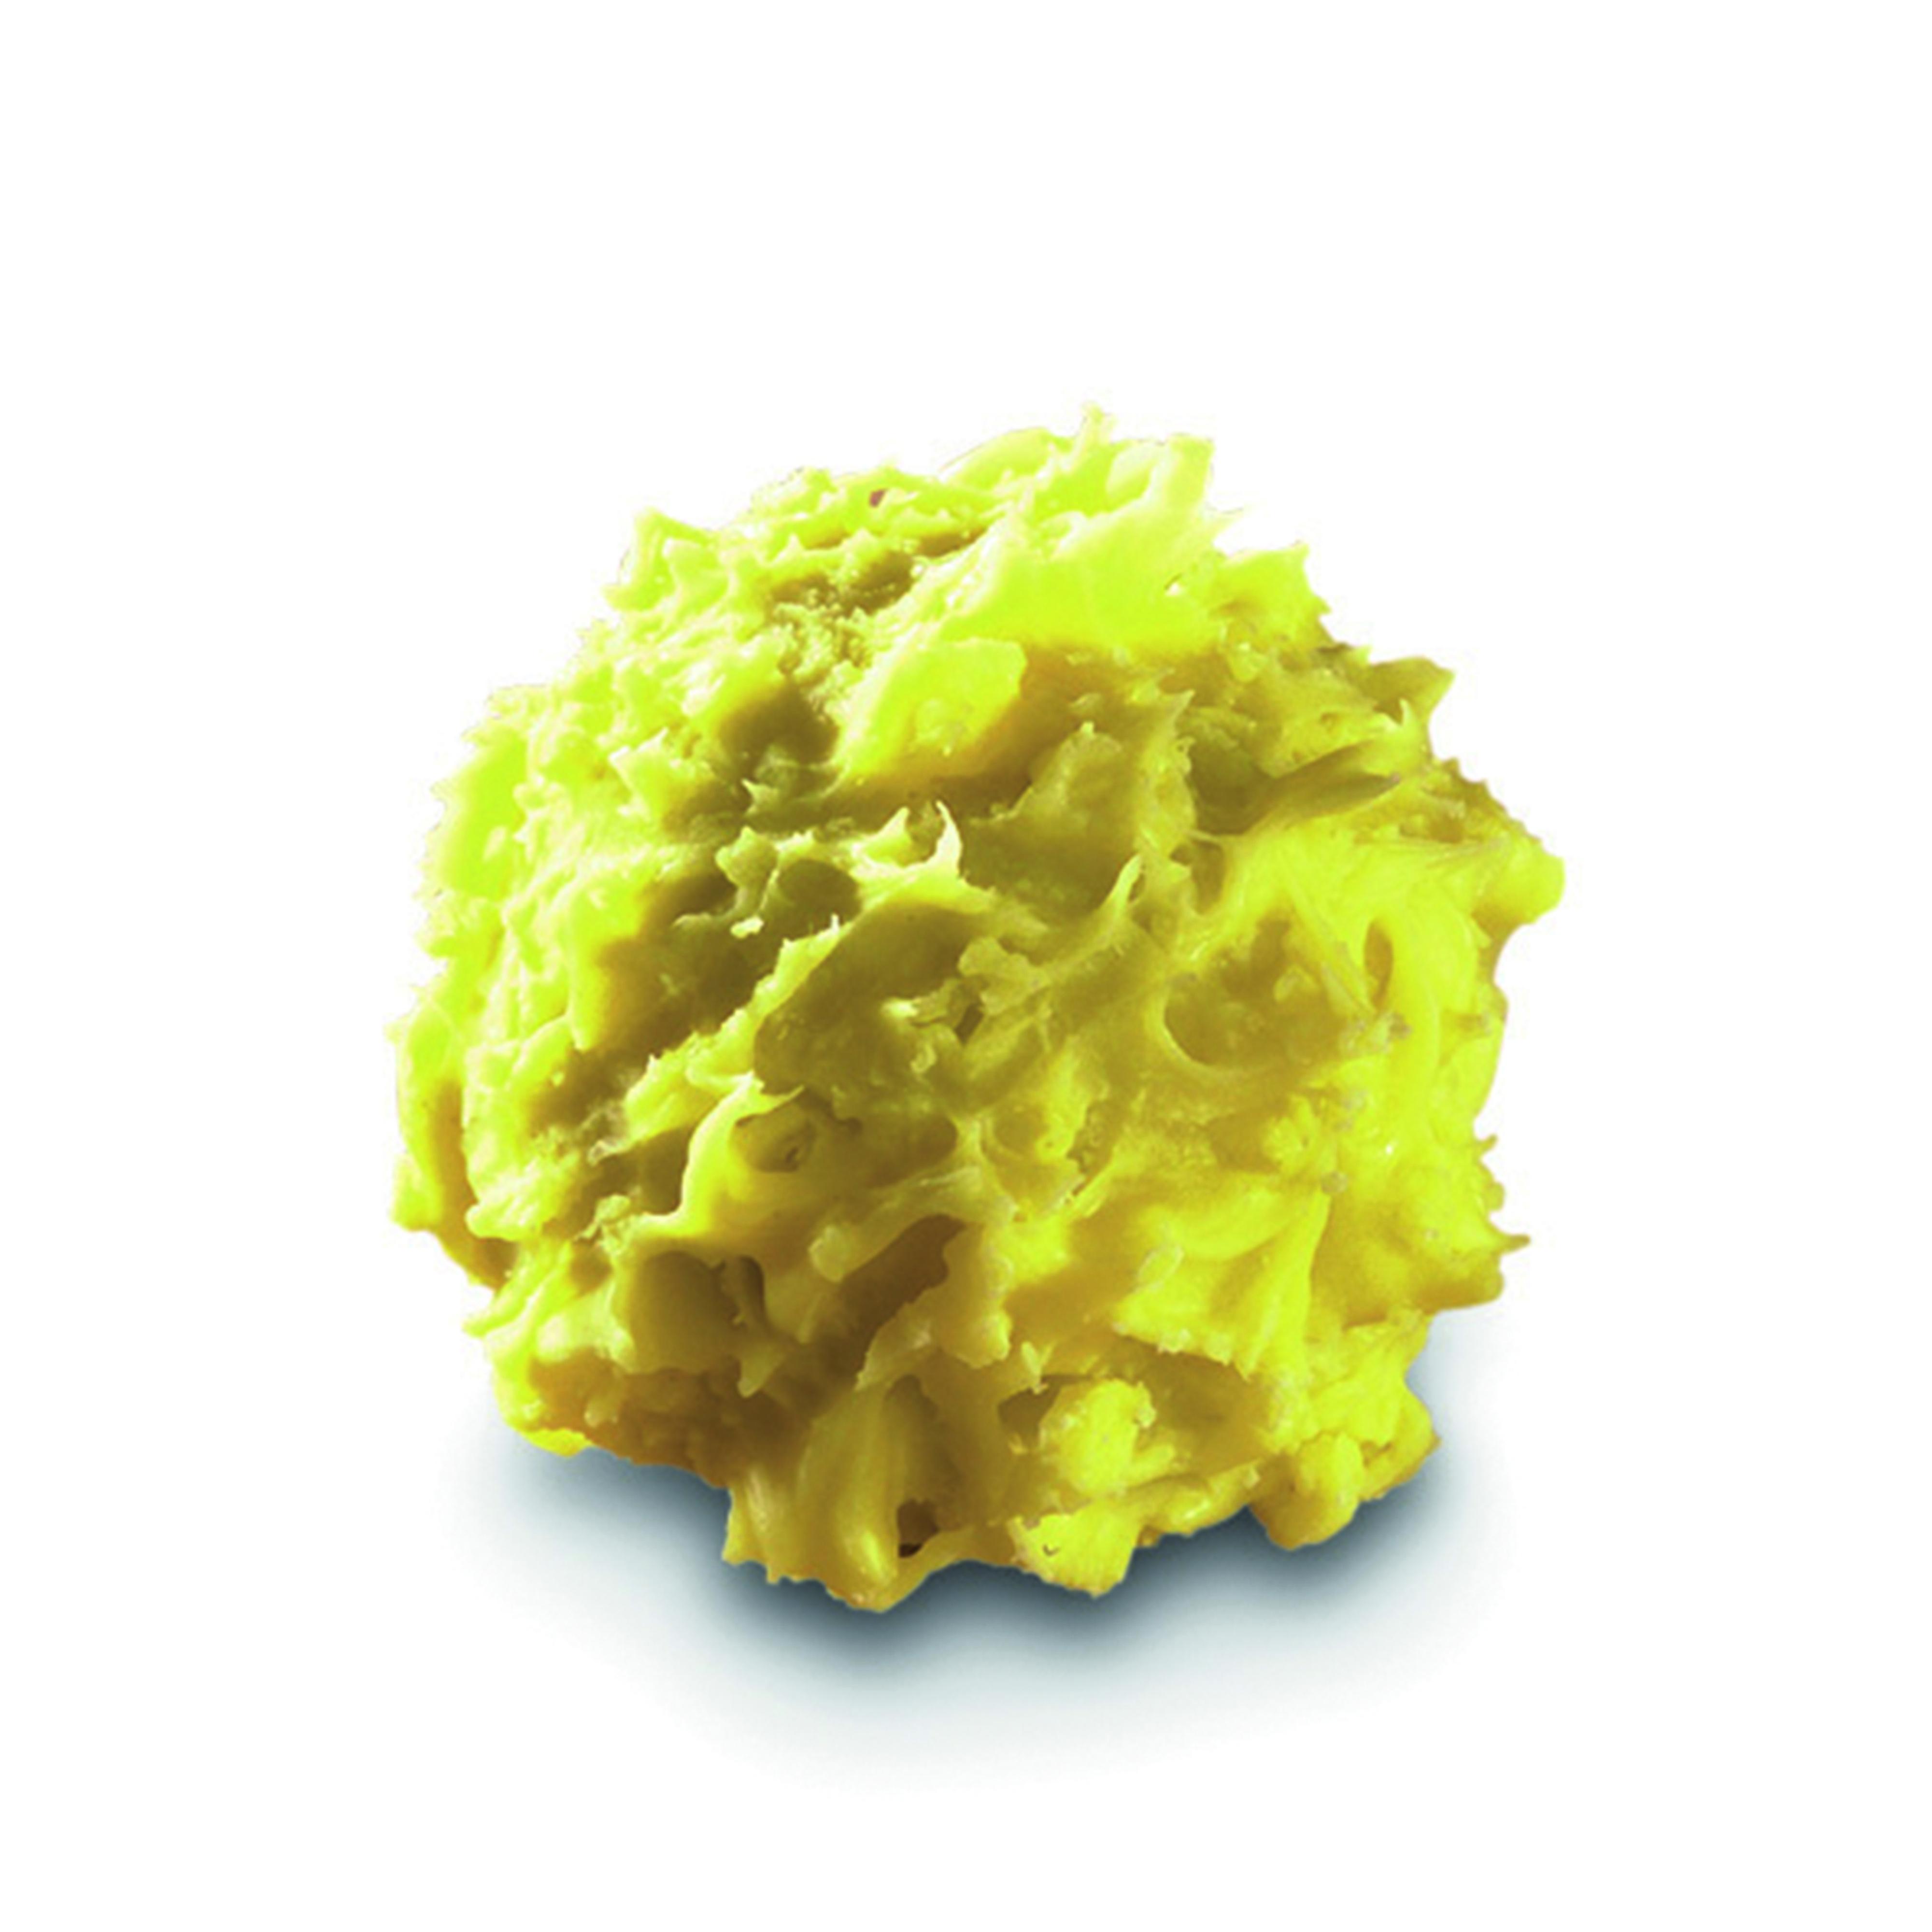 CHARDON MIRABELLE - Chardon à l'eau-de-vie de Mirabelle vieillie (60°), enrobée de décor jaune pour un mélange aux notes fruitées.